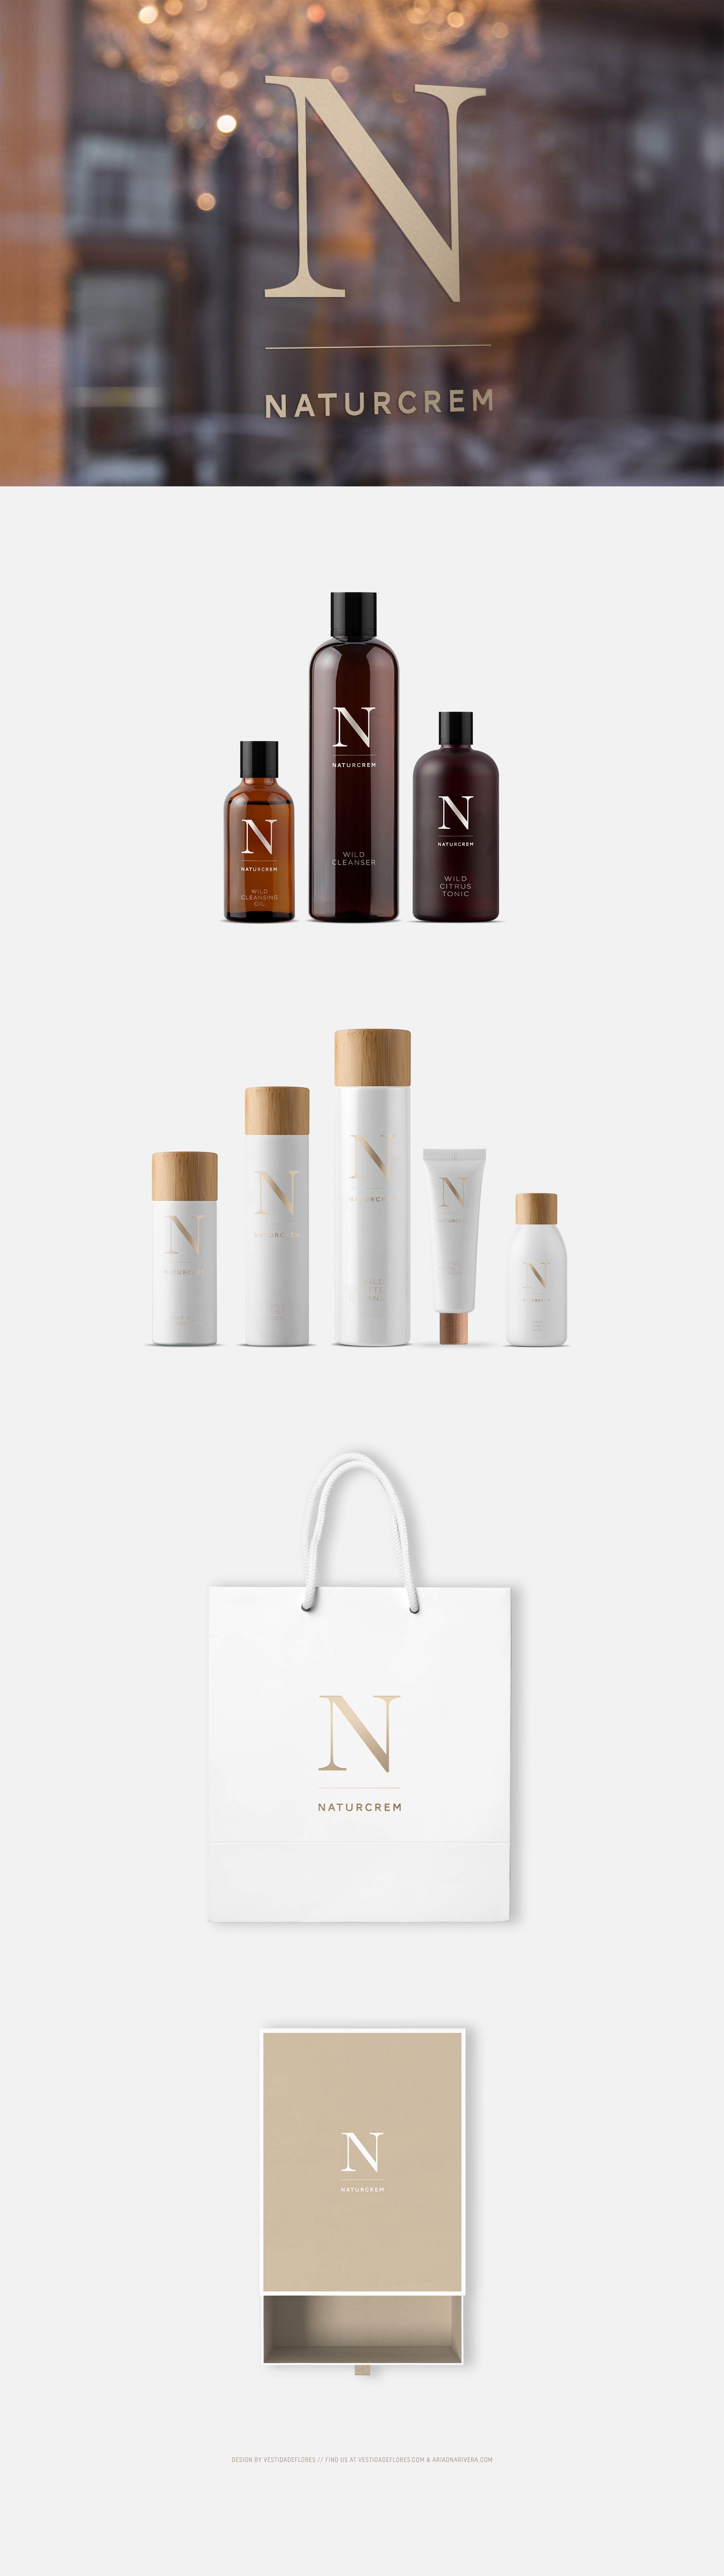 Vestida de flores - Diseño logotipo y packaging Naturcrem